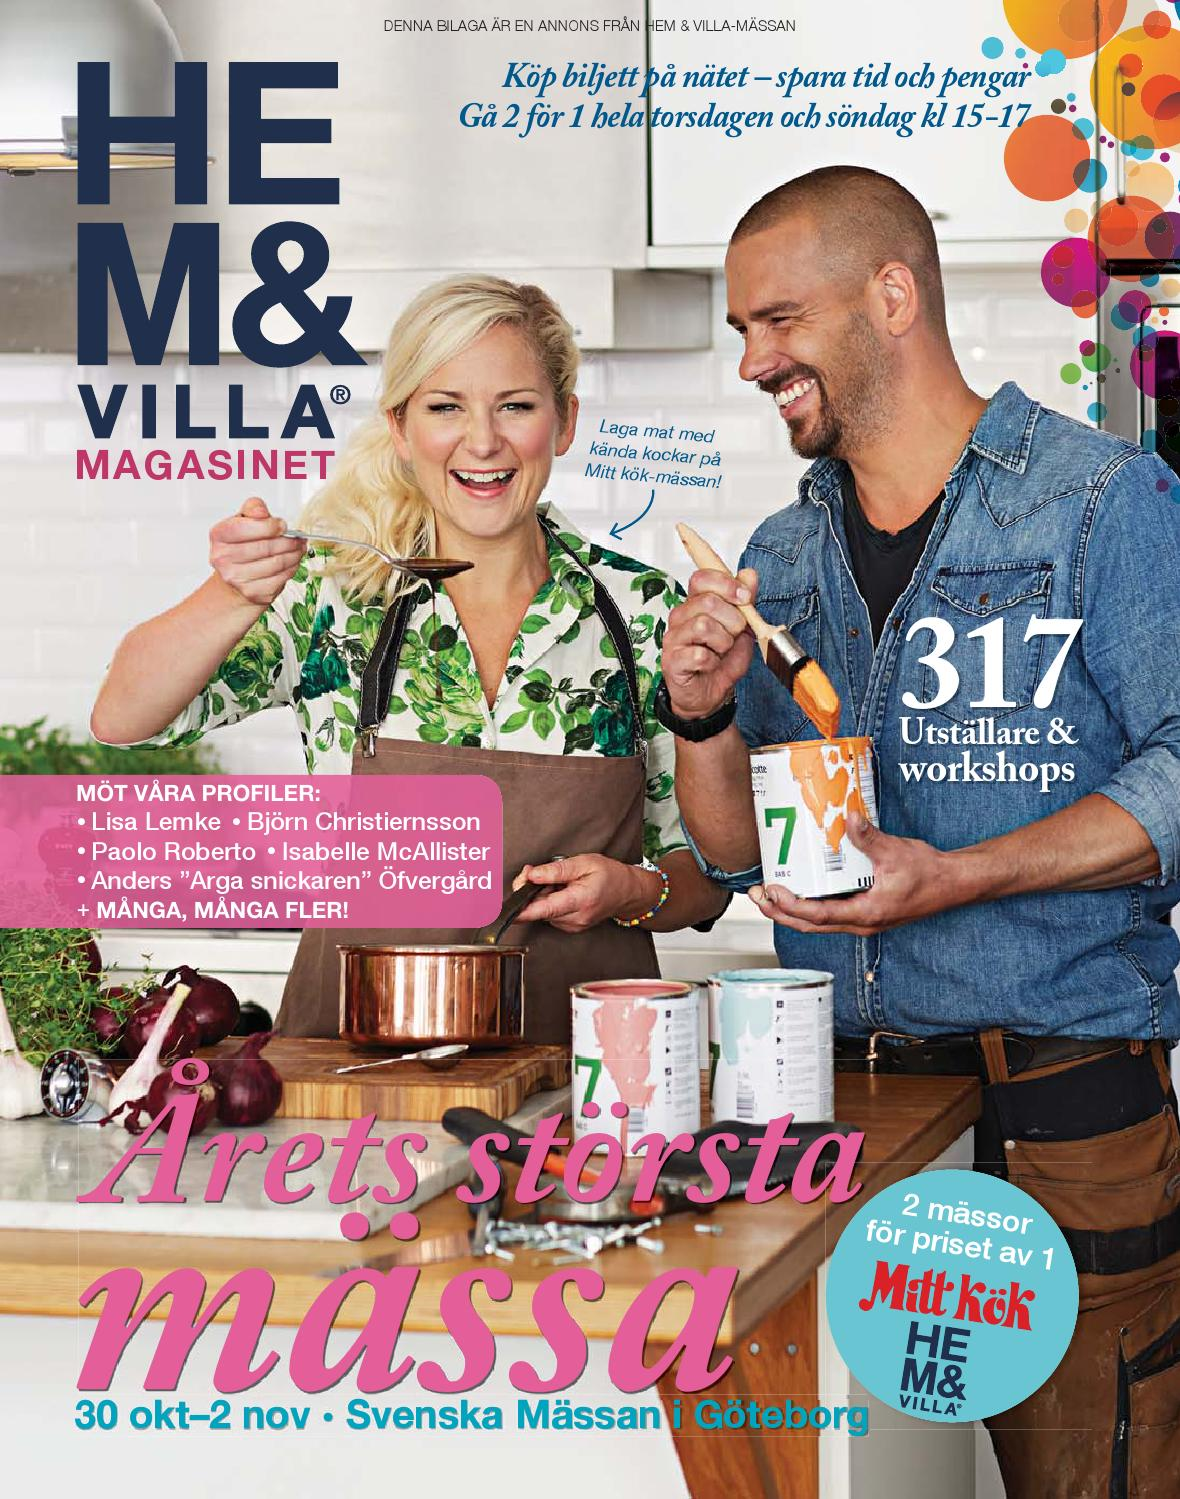 Hem & Villa-magasinet 2014 Göteborg by Vi i Villa - issuu